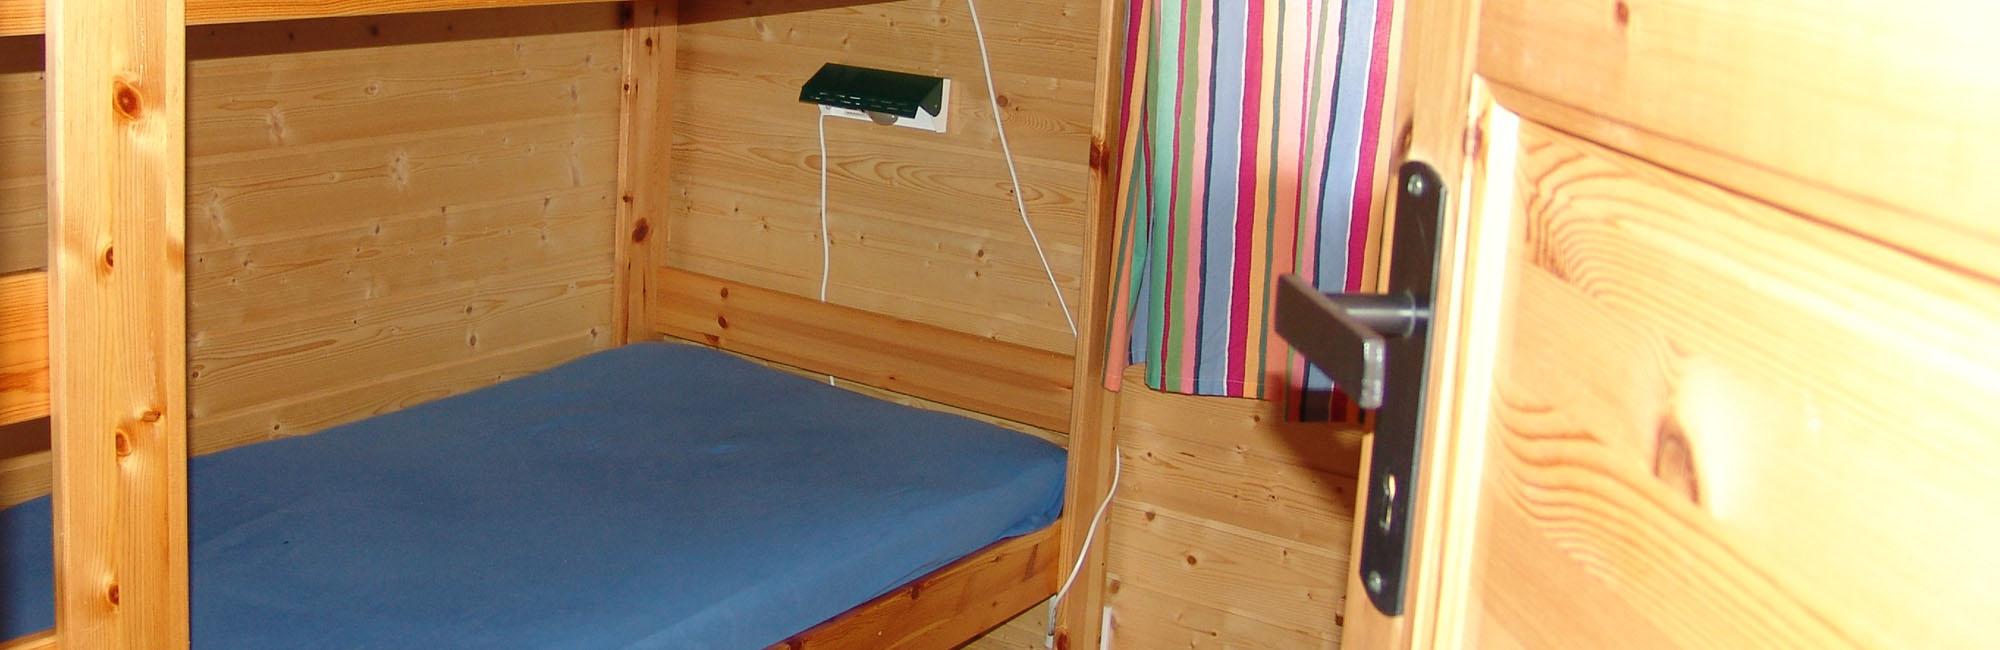 Lonin Gård & Camping - soverom